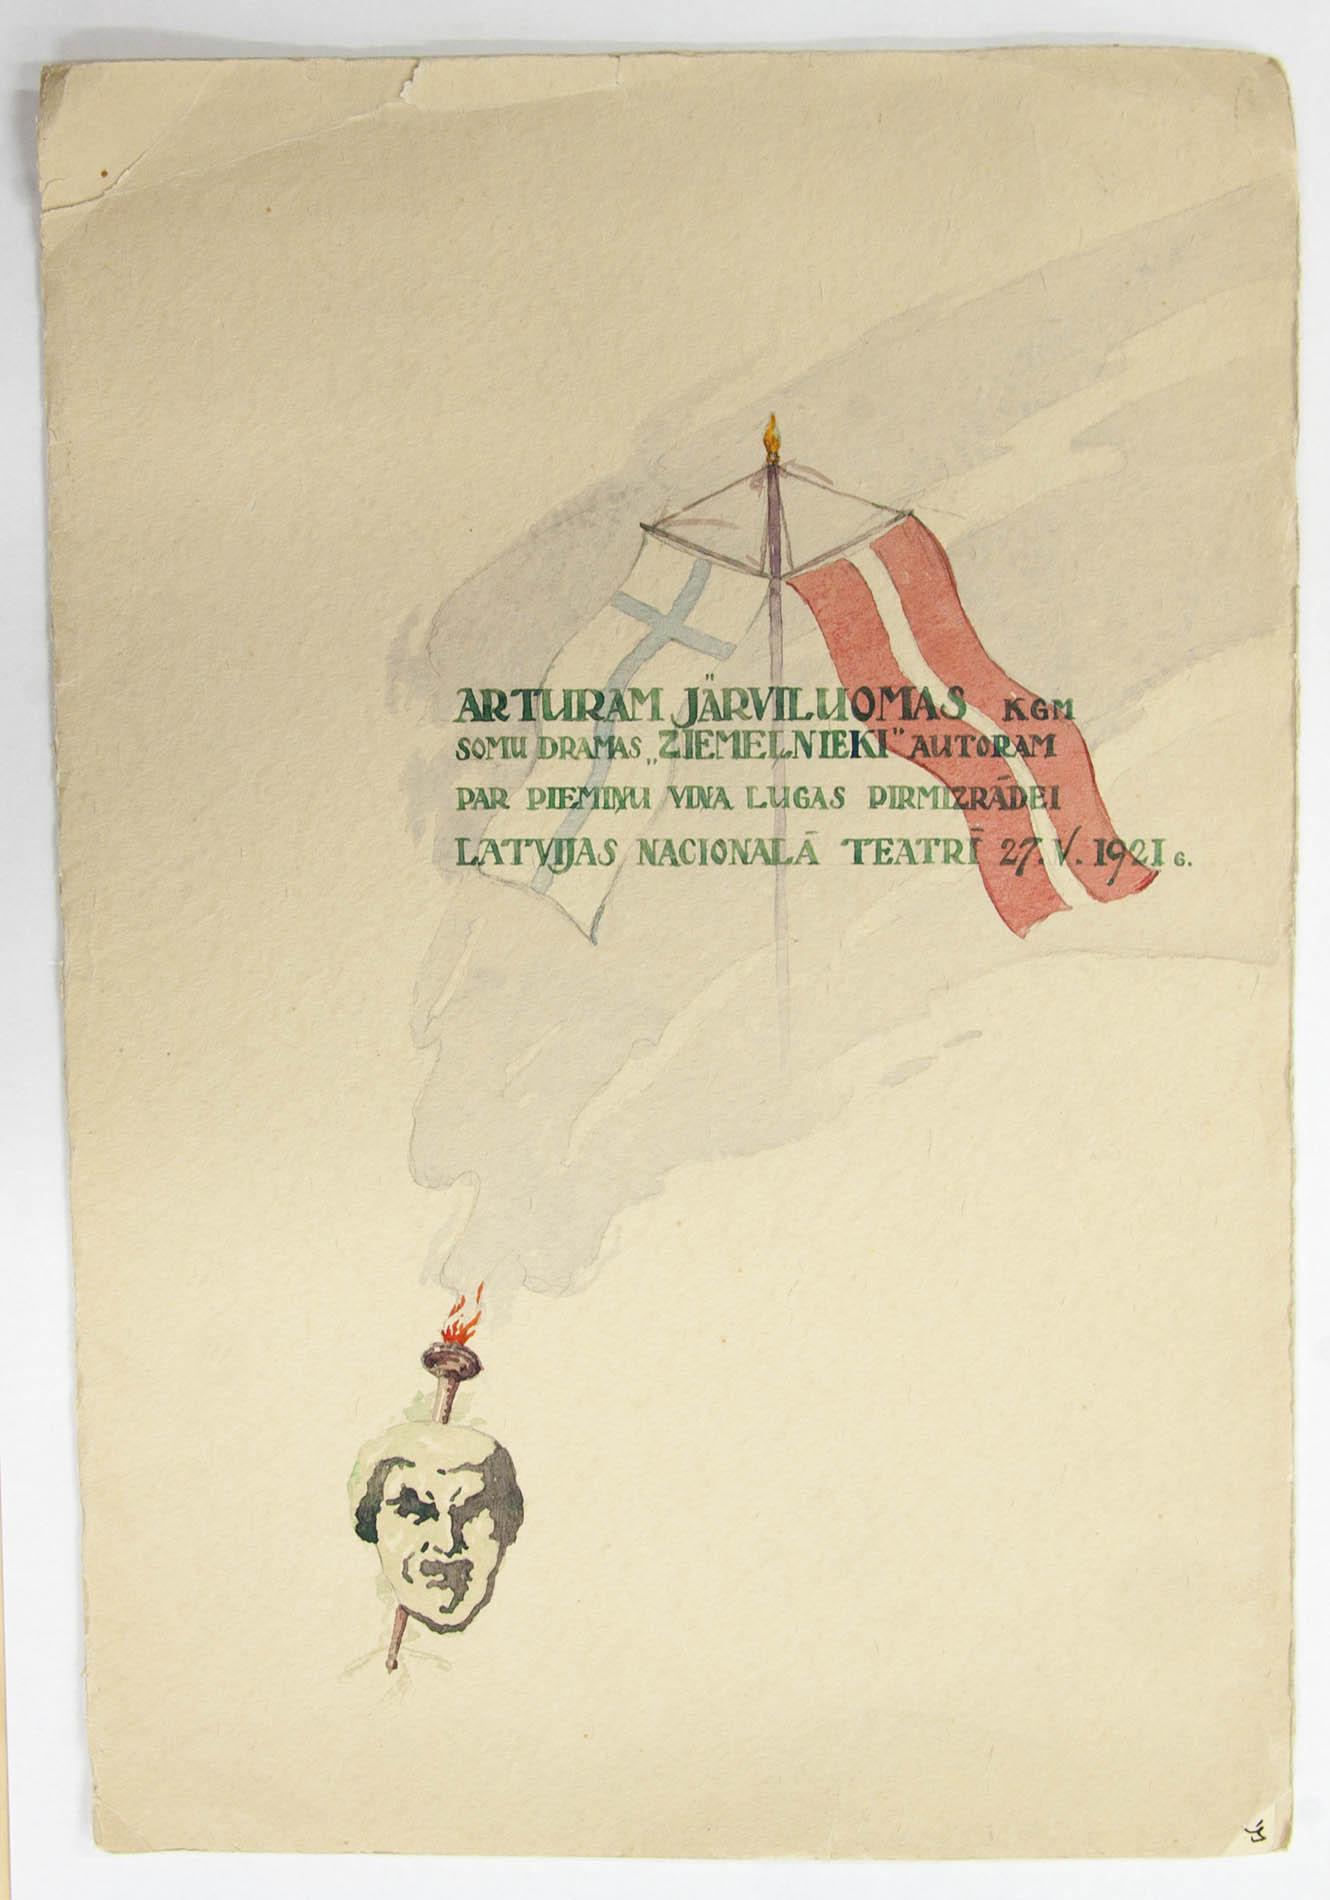 Latvian Kansallisteatterin kunniajäsenkirja ensimmäiselle latvialaisten näyttämöiden suomalaiskirjailijalle. Artturi Järviluoman Pohjalaisia –näytelmä esitettiin Latviassa 1921.